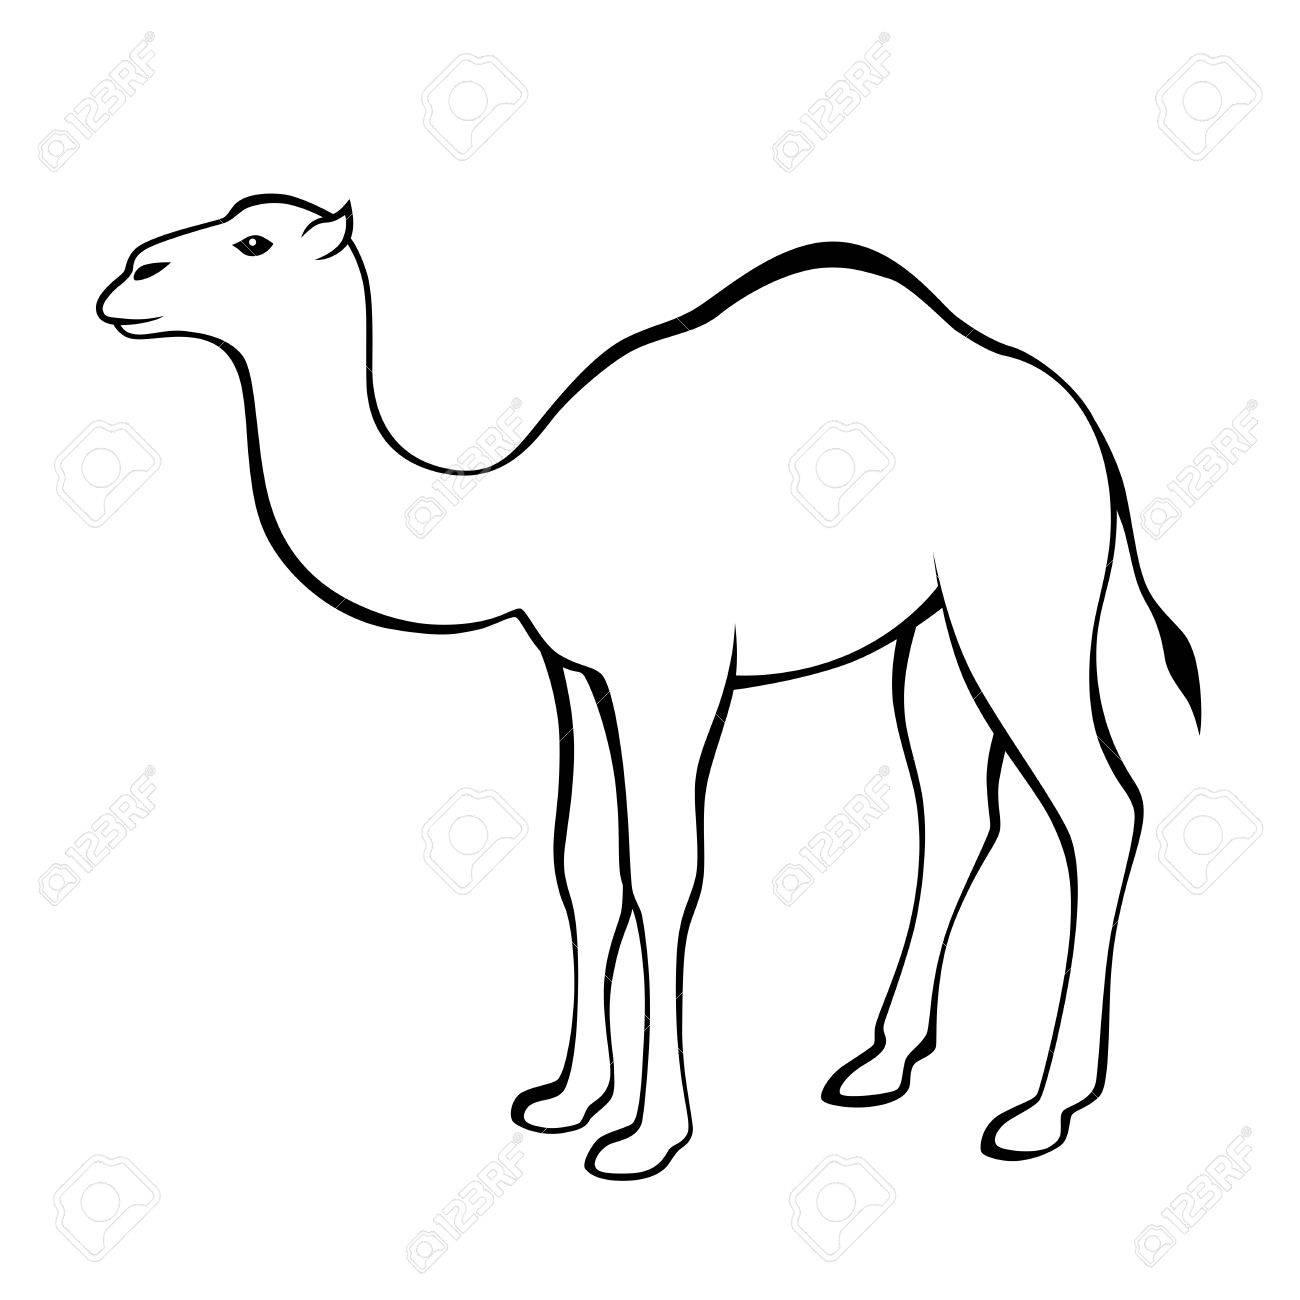 Camel black white isolated illustration.